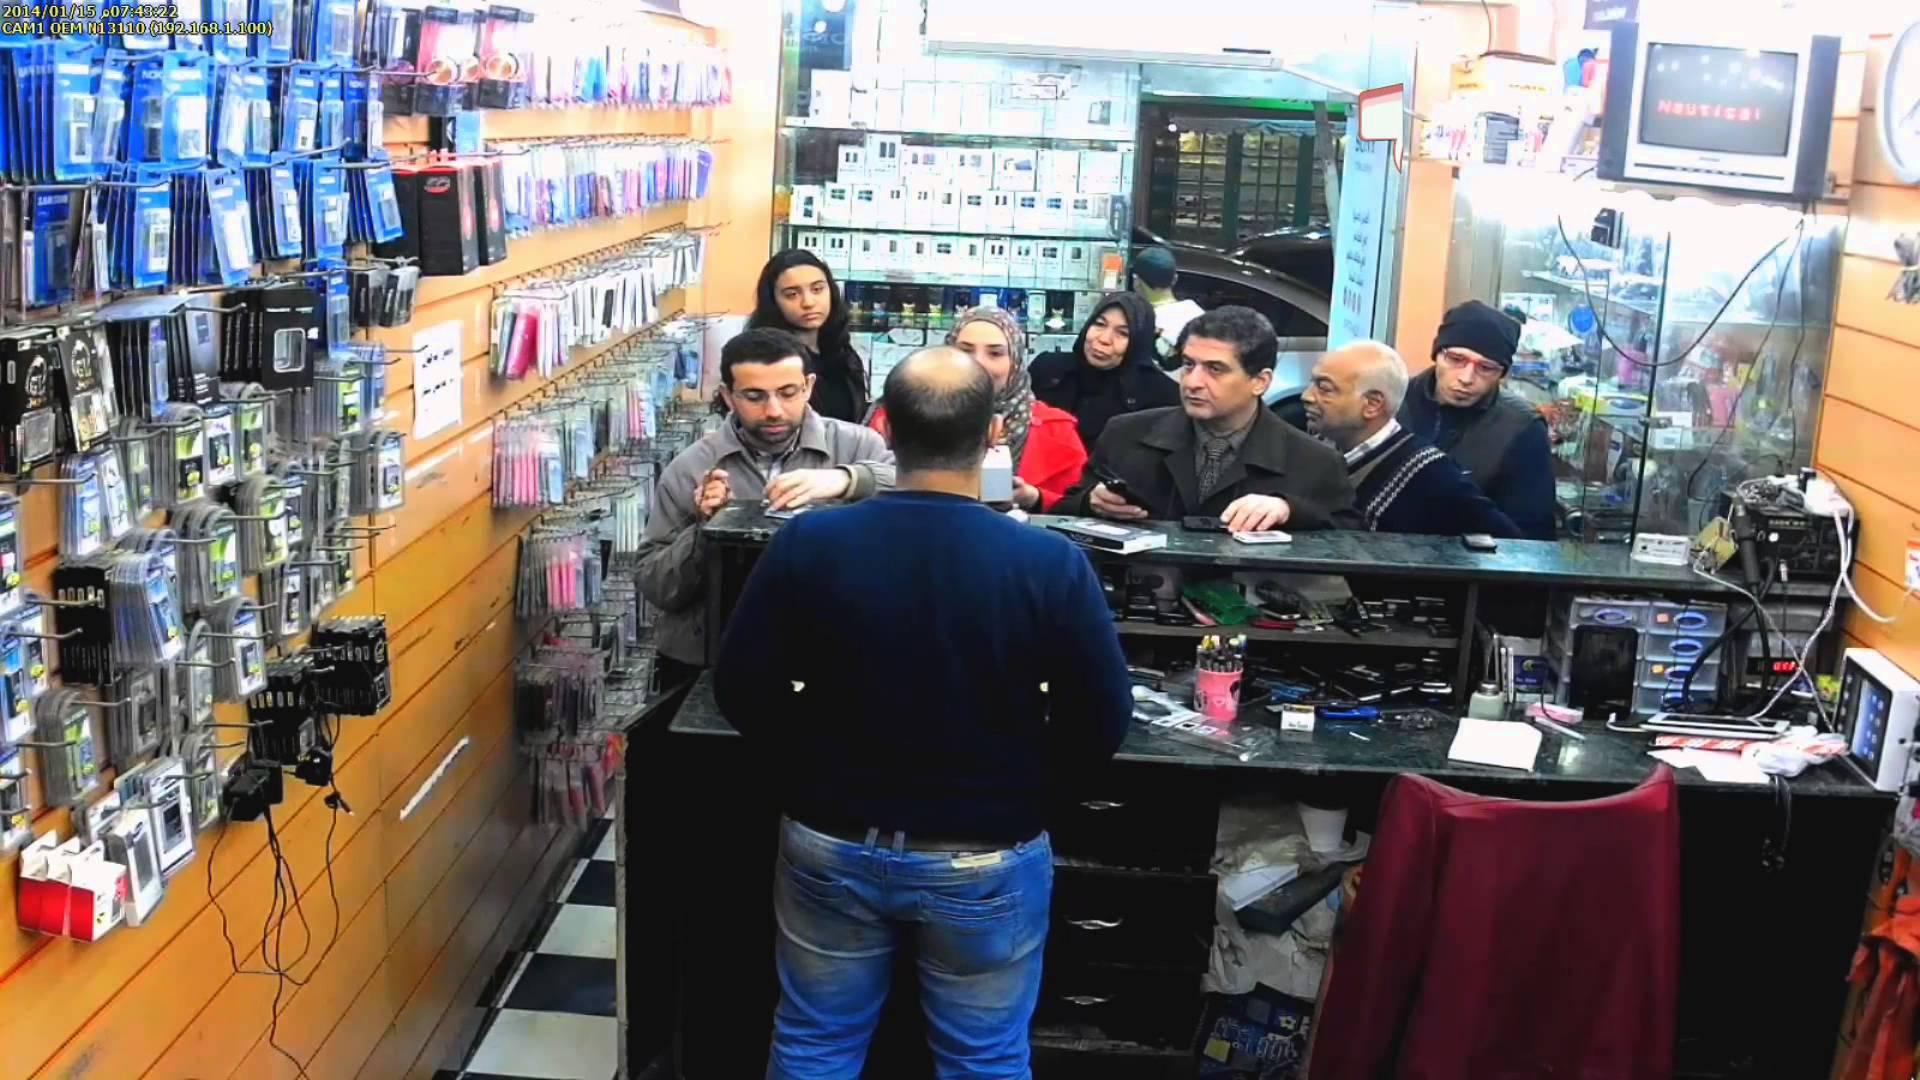 بالصور محلات موبايل فى مصر 20160712 933